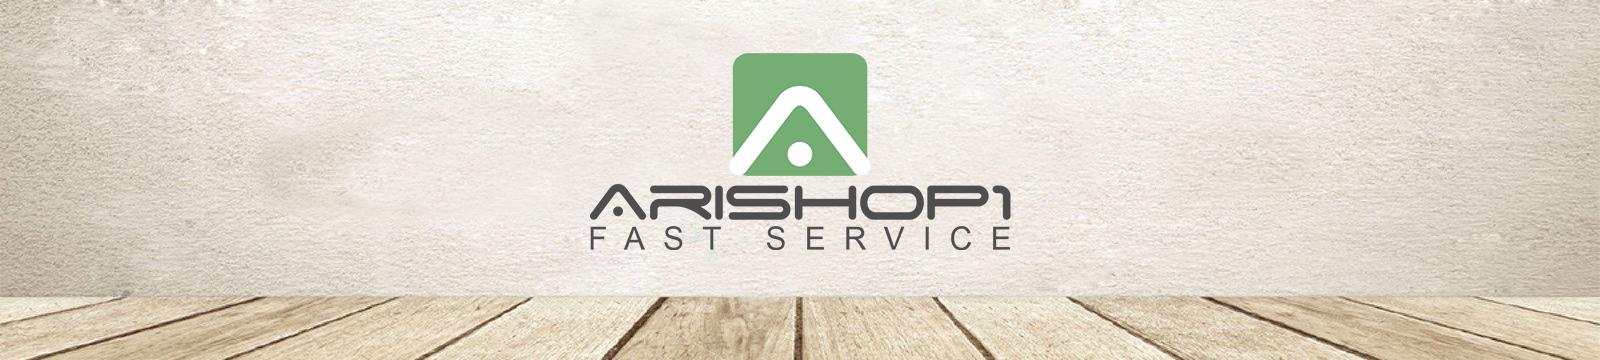 AriShop1